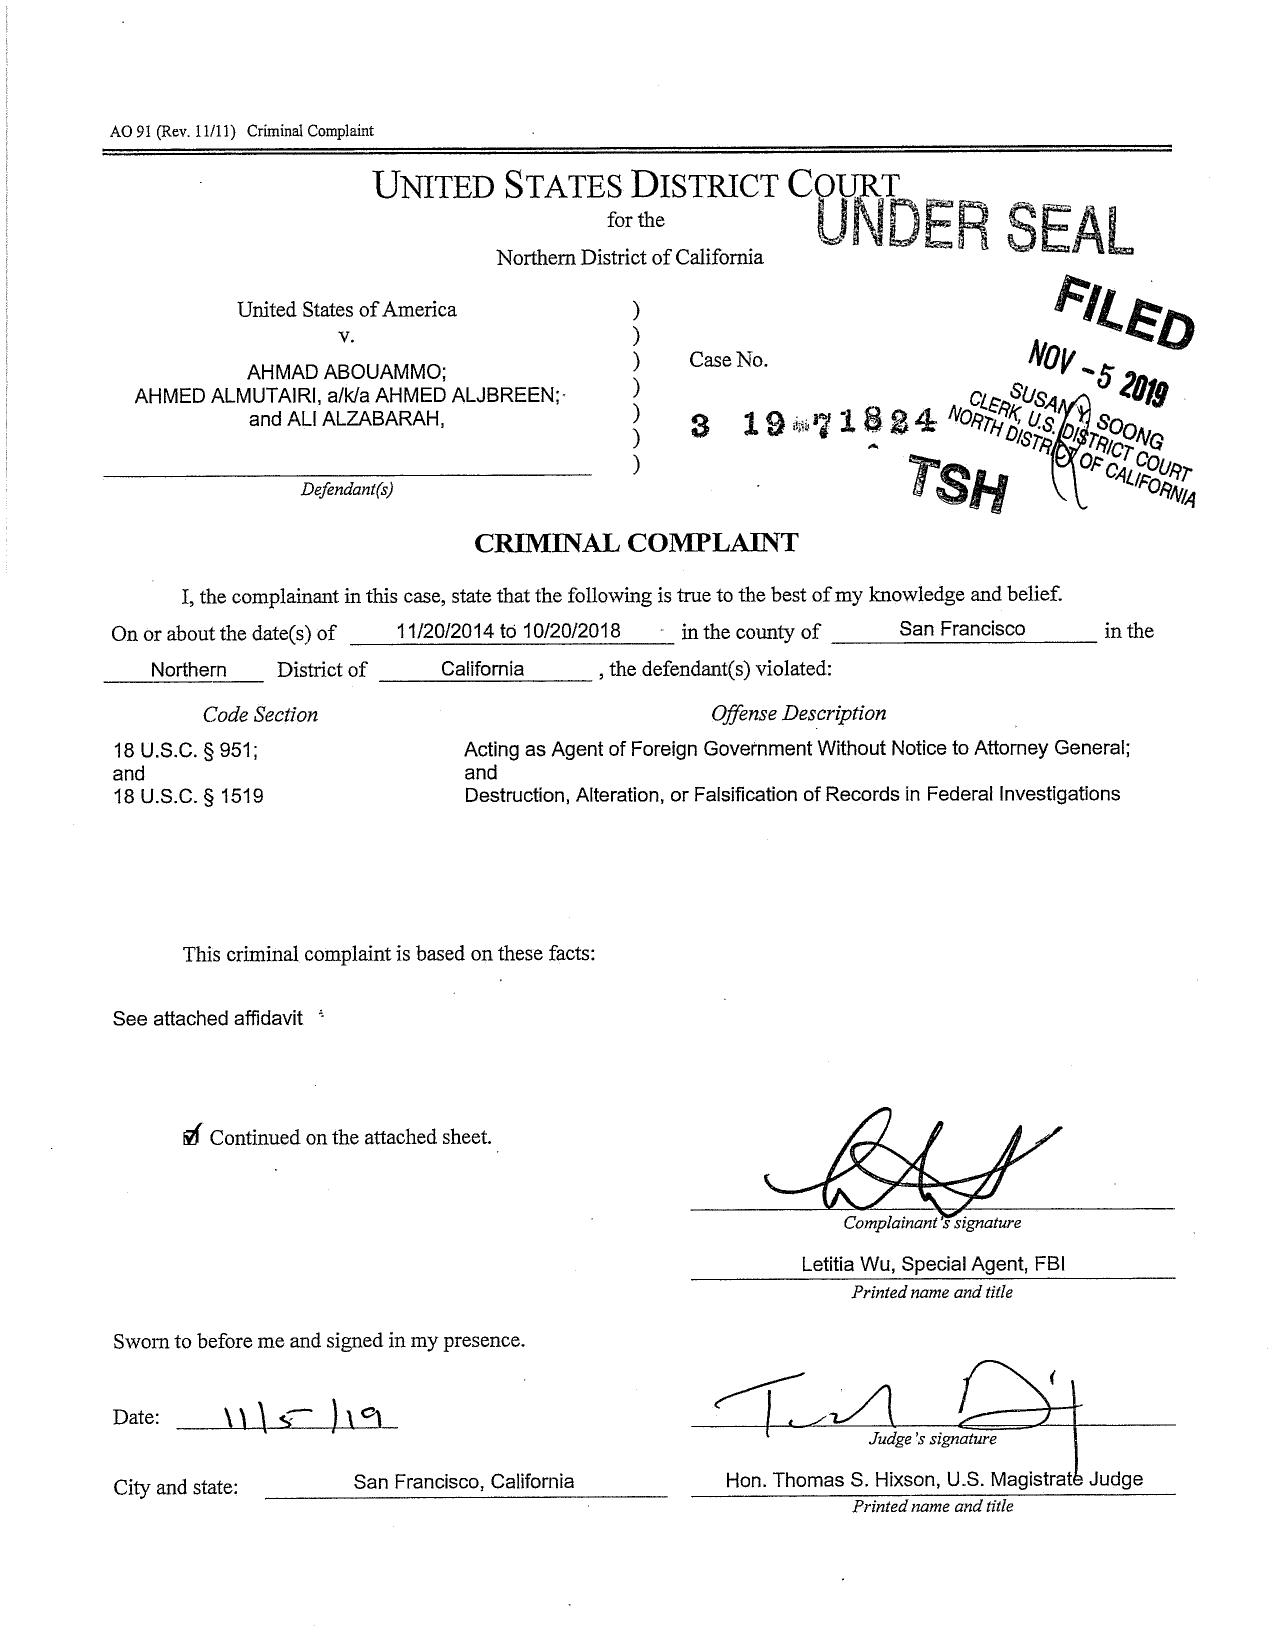 Saudi-agents-Twitter-criminal-complaint-11-6-19_page-0001